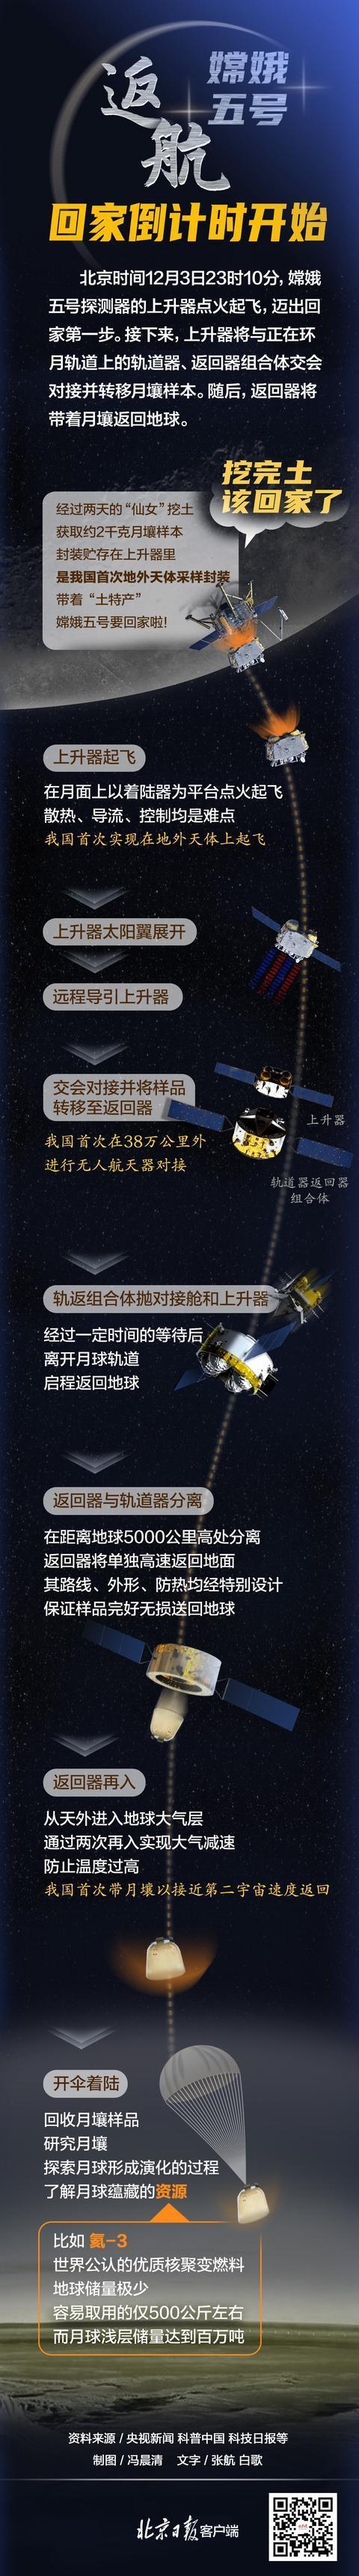 图解嫦娥五号返航之路!回家倒计时开始